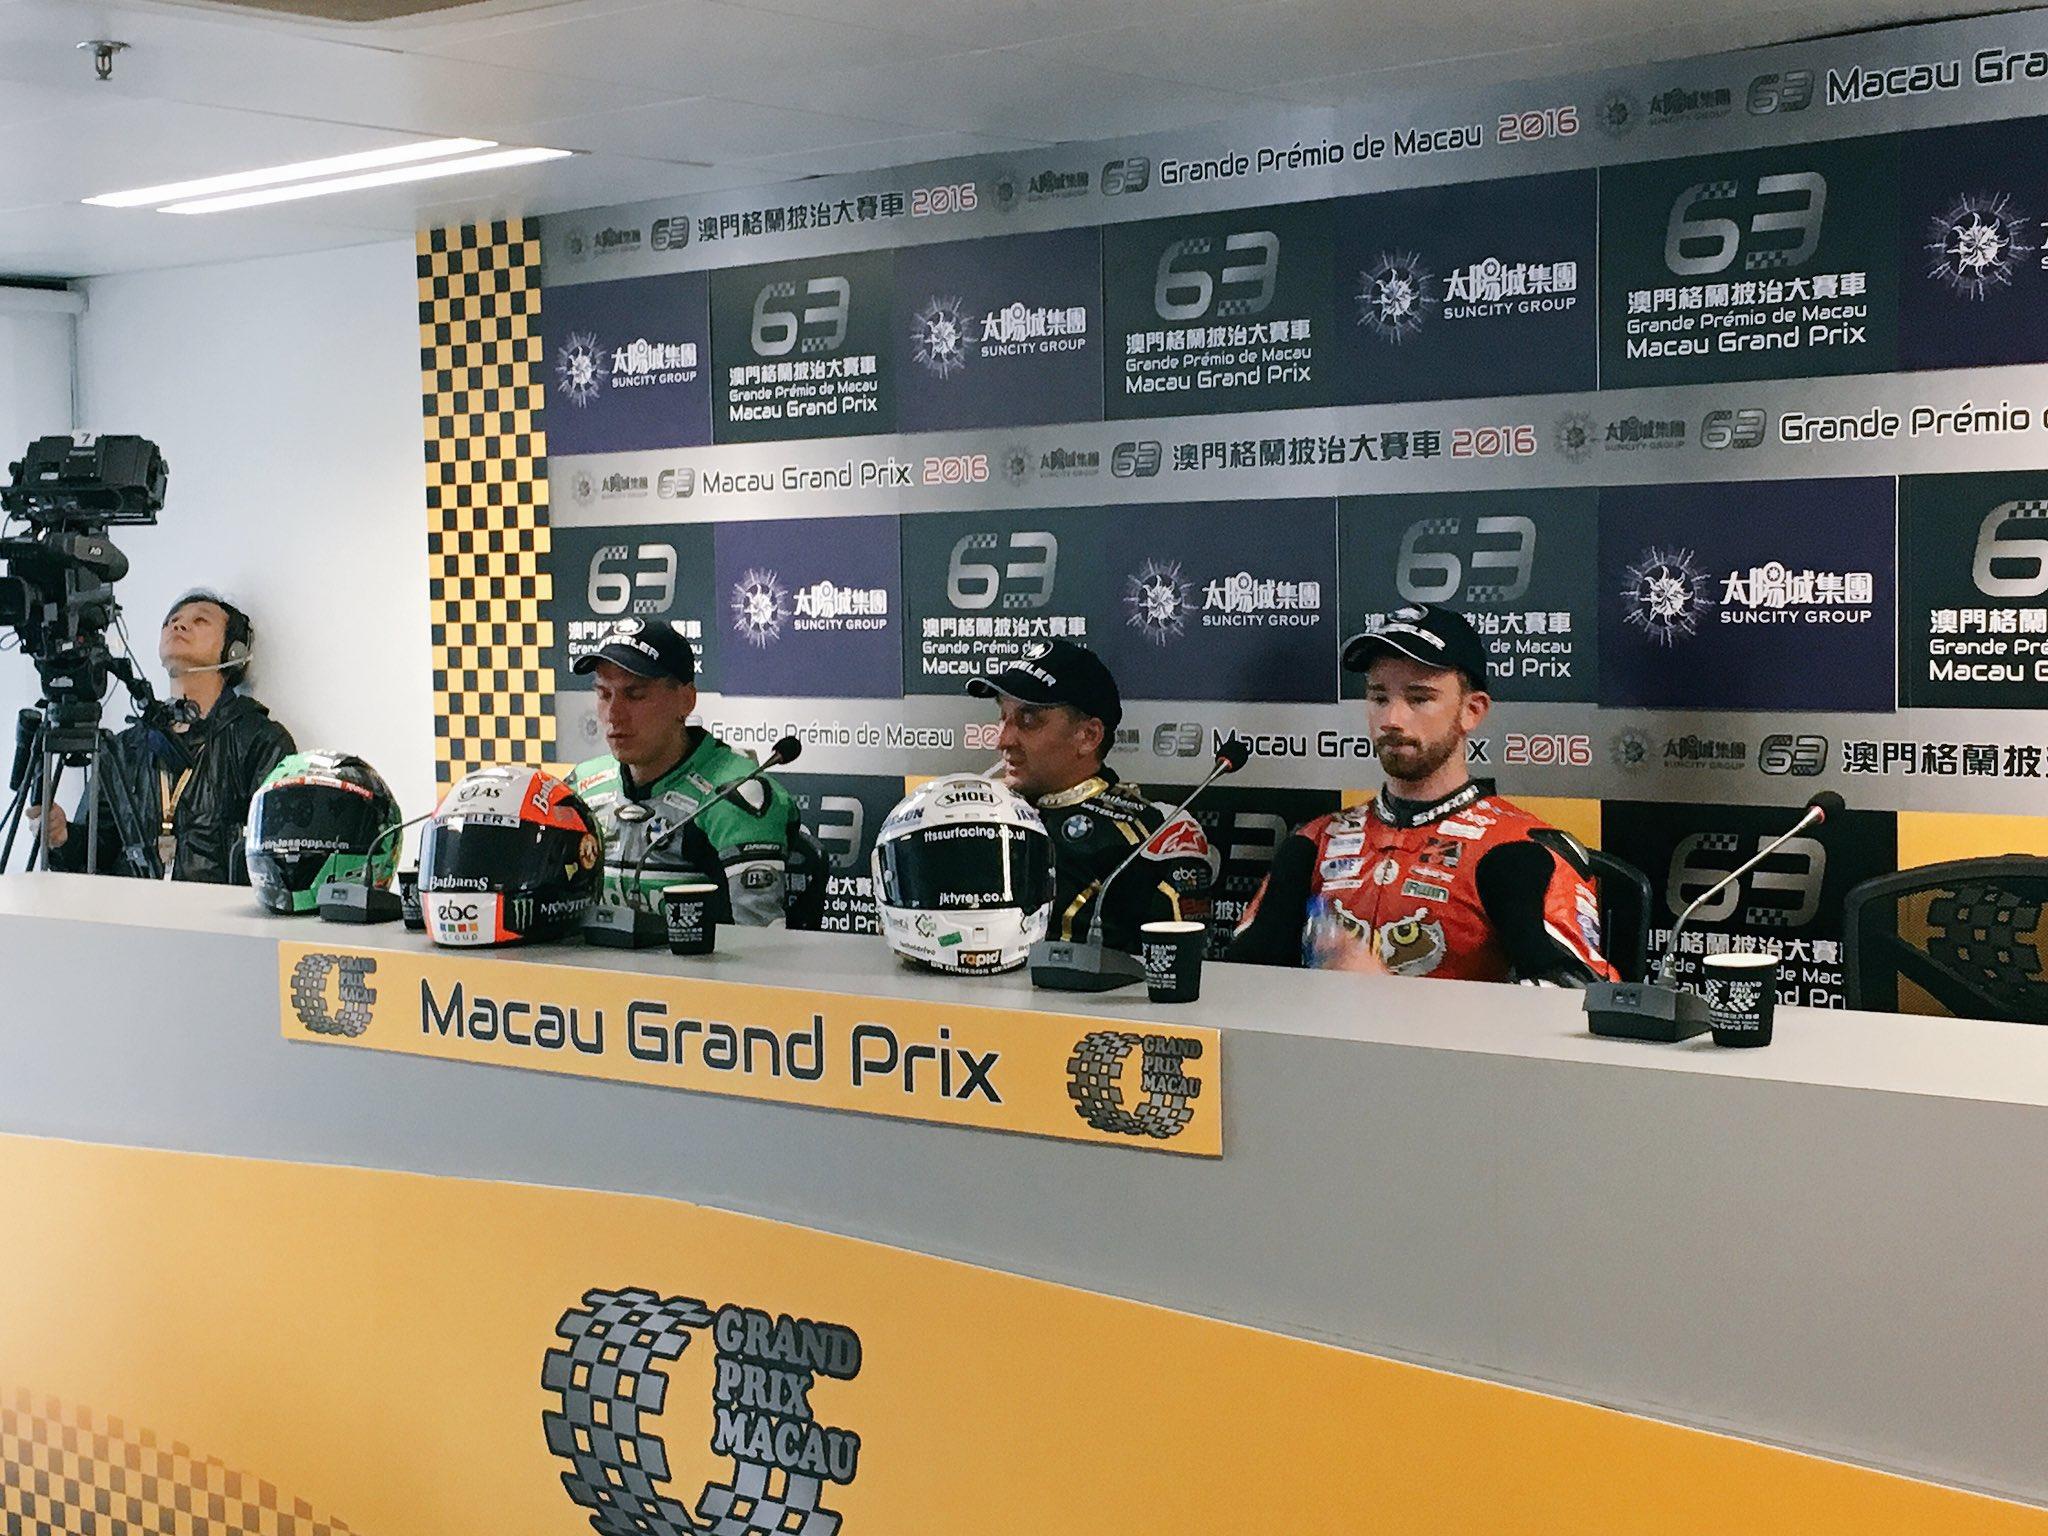 [Road Racing]GRAND PRIX DE MACAO 2016 CxgU1a7VEAAvYeX